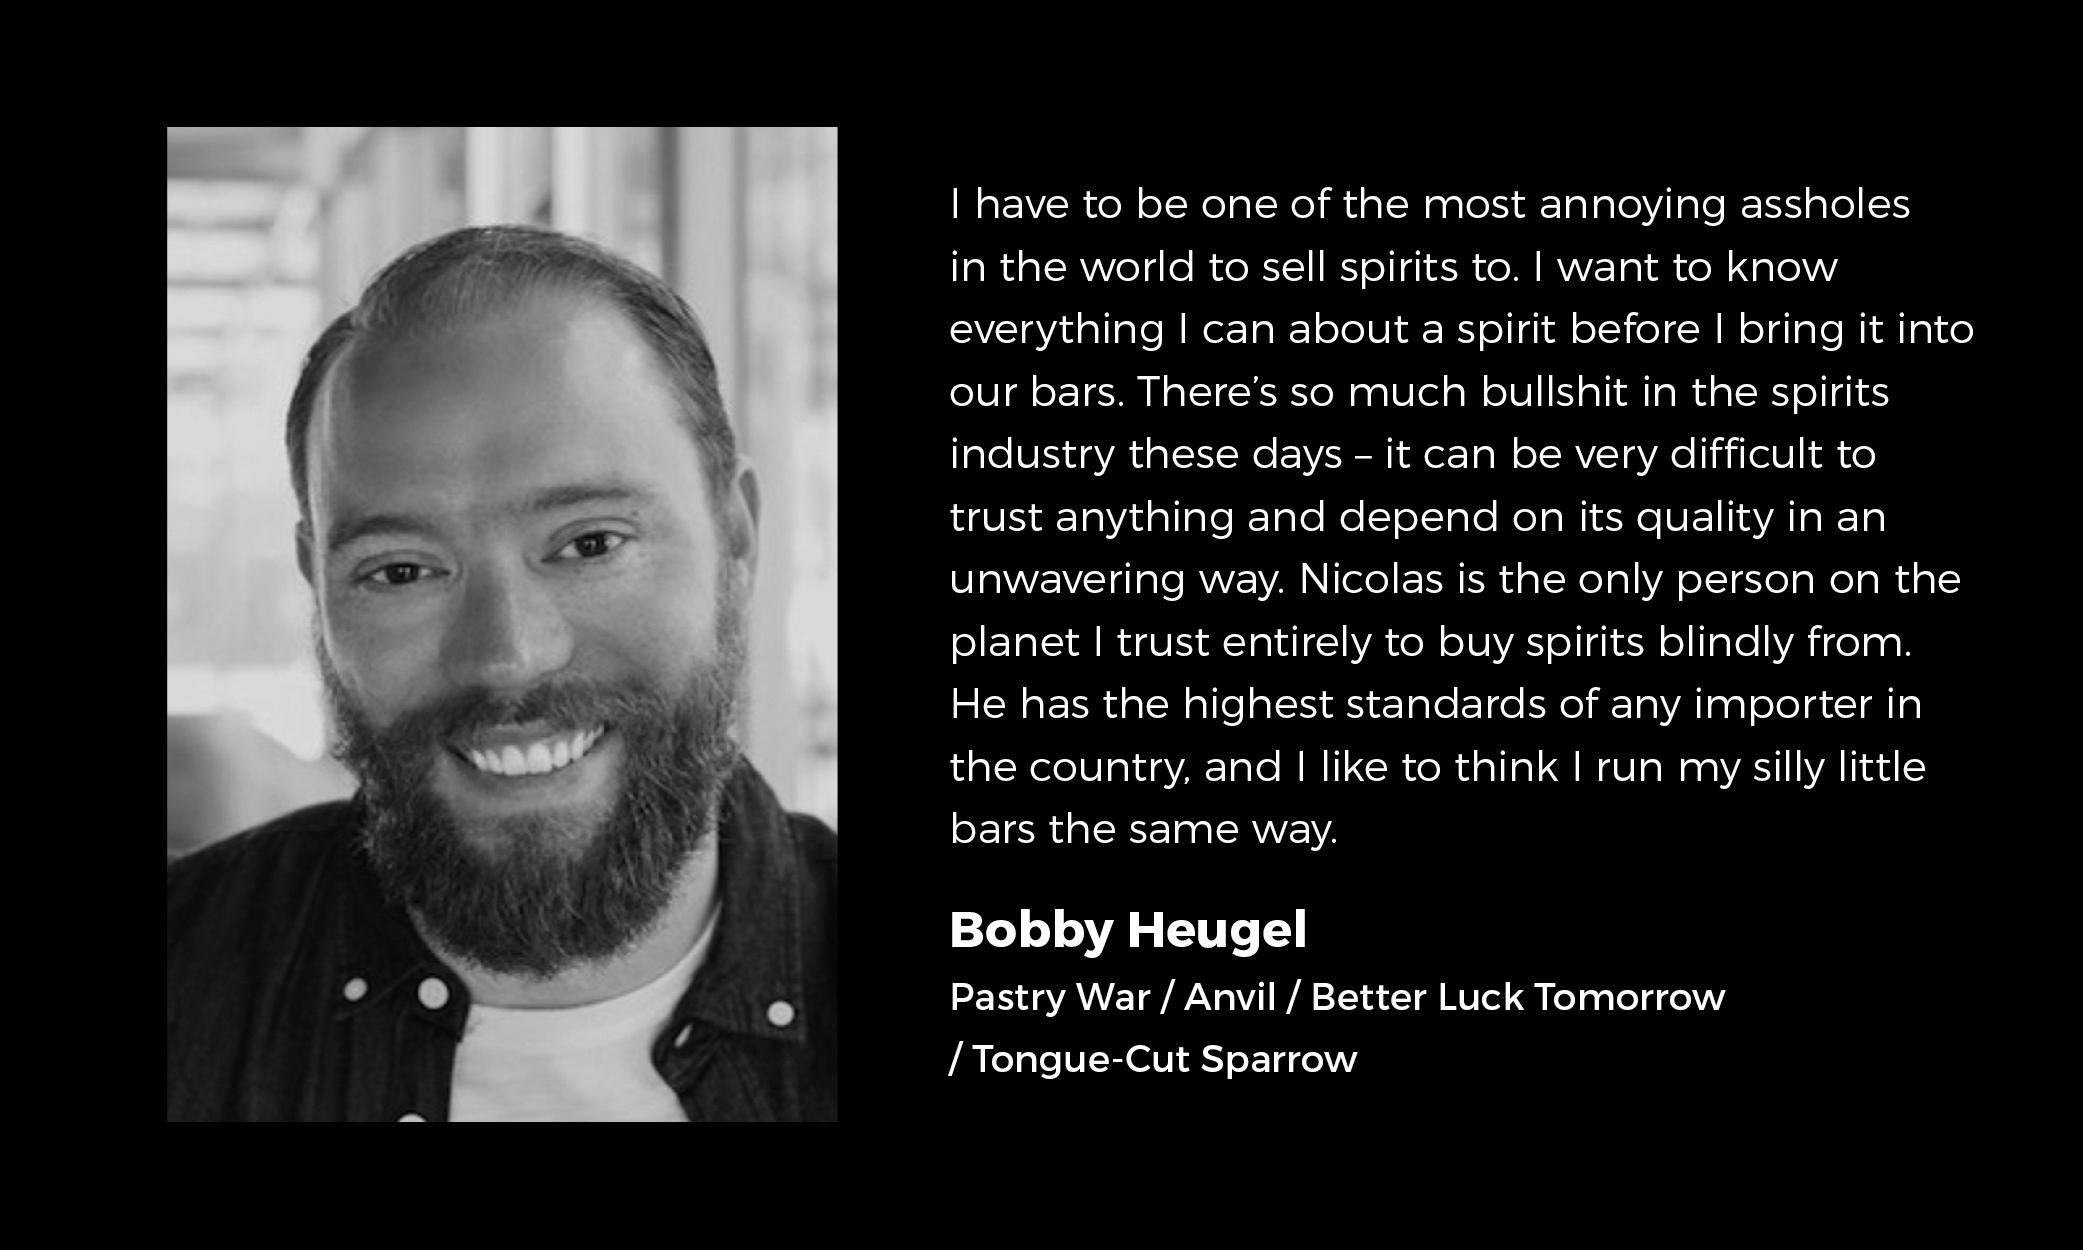 Bobby Heugel